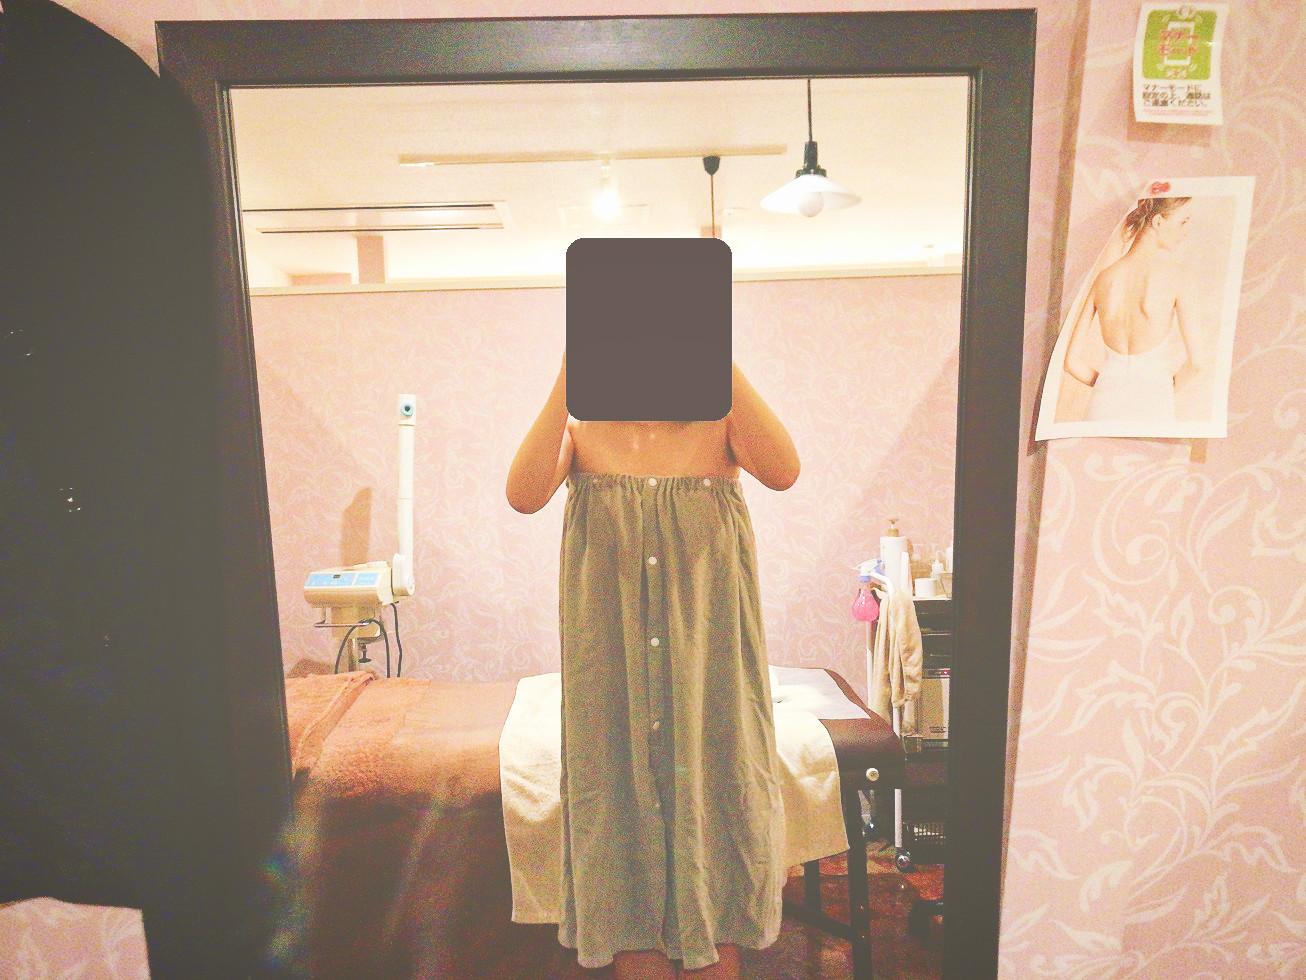 痩身エステ美4サロン銀座店初回体験アラサー女子クチコミレポ